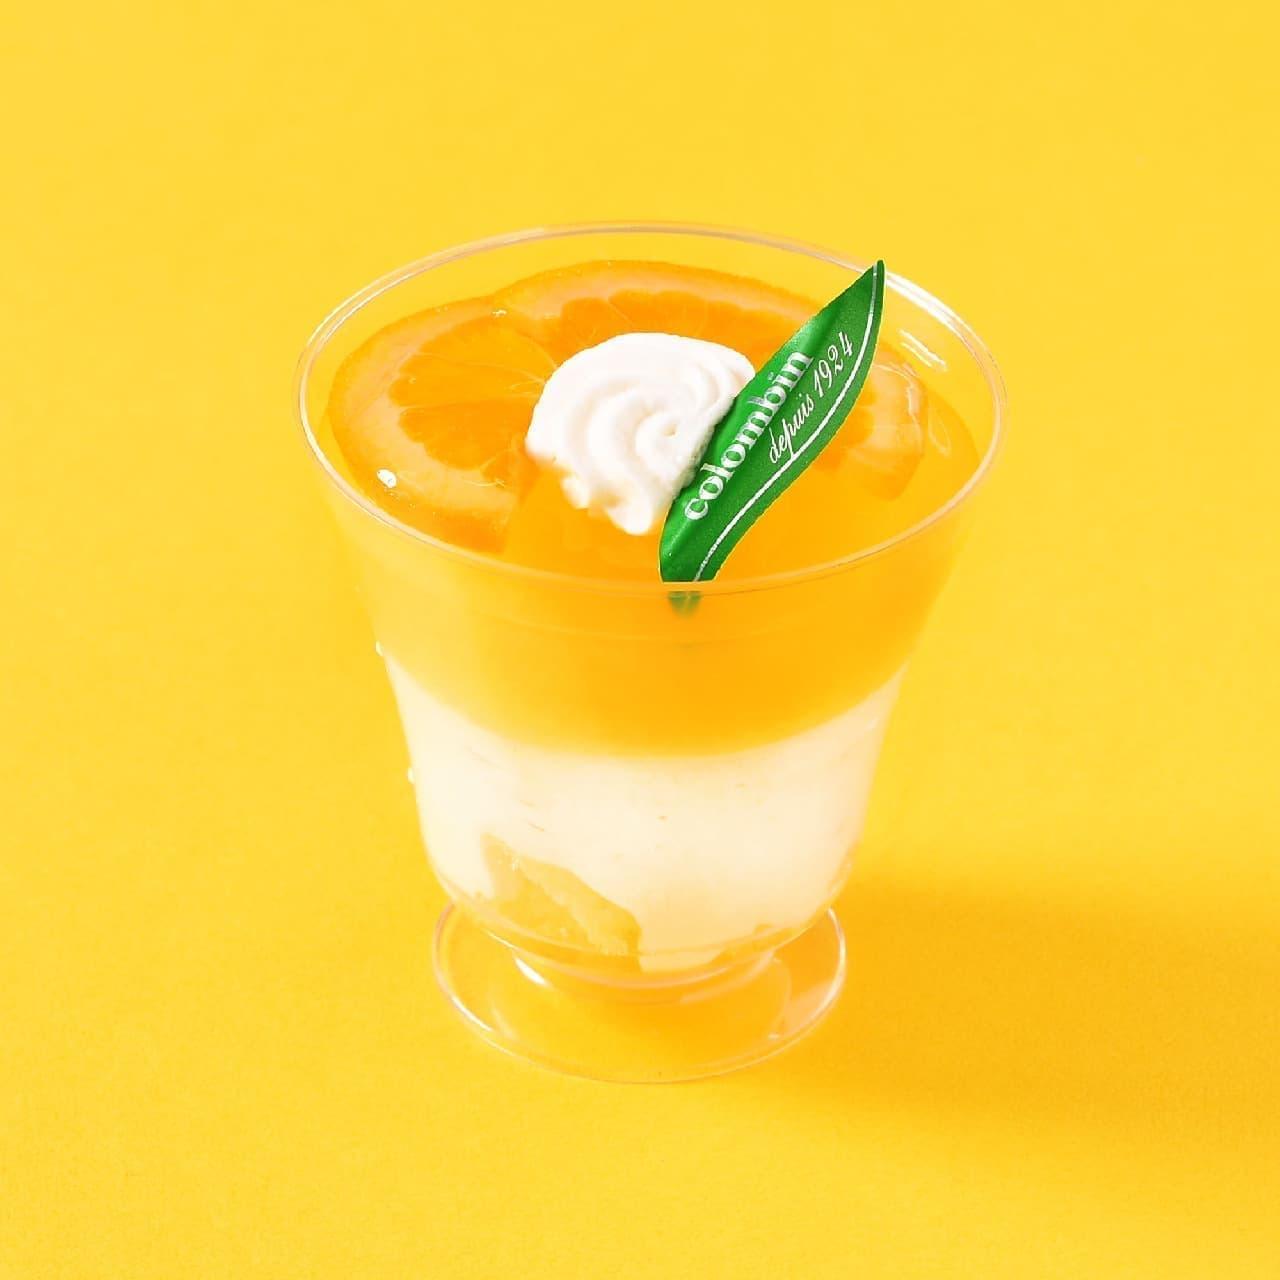 コロンバン「夏みかんゼリーとレアチーズ」